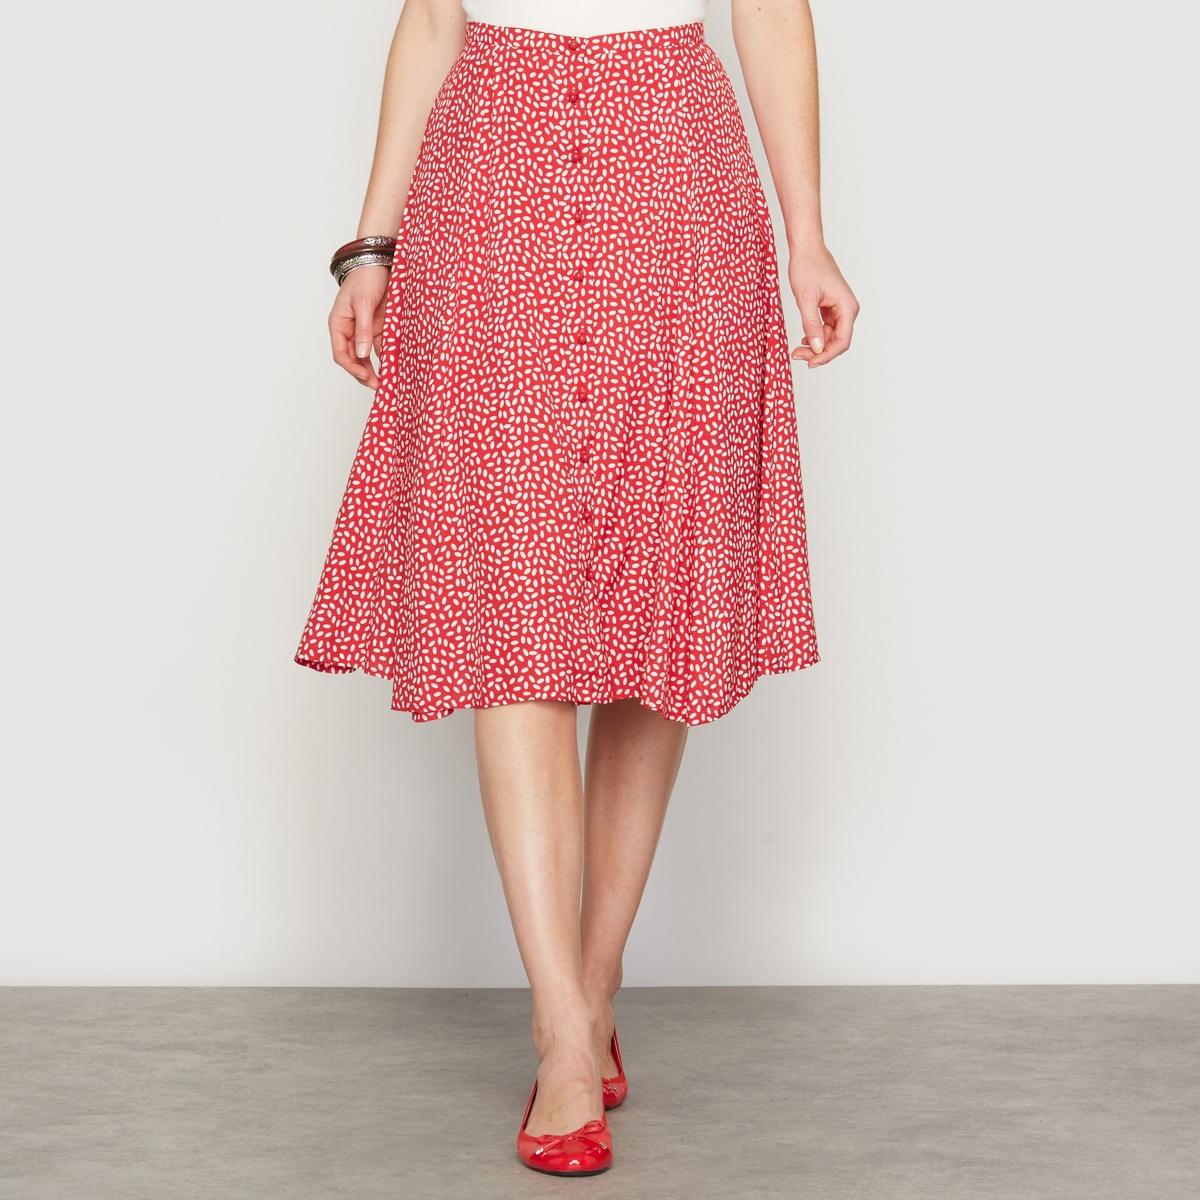 Струящаяся юбка с рисункомСтруящаяся юбка с рисунком . Можете носить ее так, как вам нравится... Эластичный пояс начиная с размера 44 . Застежка на пуговицы спереди . Переплетение полотнищ, создающее расширяющийся к низу силуэт . Подкладка из полиэстера .   Длина . 75 см . Струящийся креп 100% вискозы .<br><br>Цвет: рисунок/красный фон,рисунок/фон серо-коричневый<br>Размер: 52 (FR) - 58 (RUS).48 (FR) - 54 (RUS)